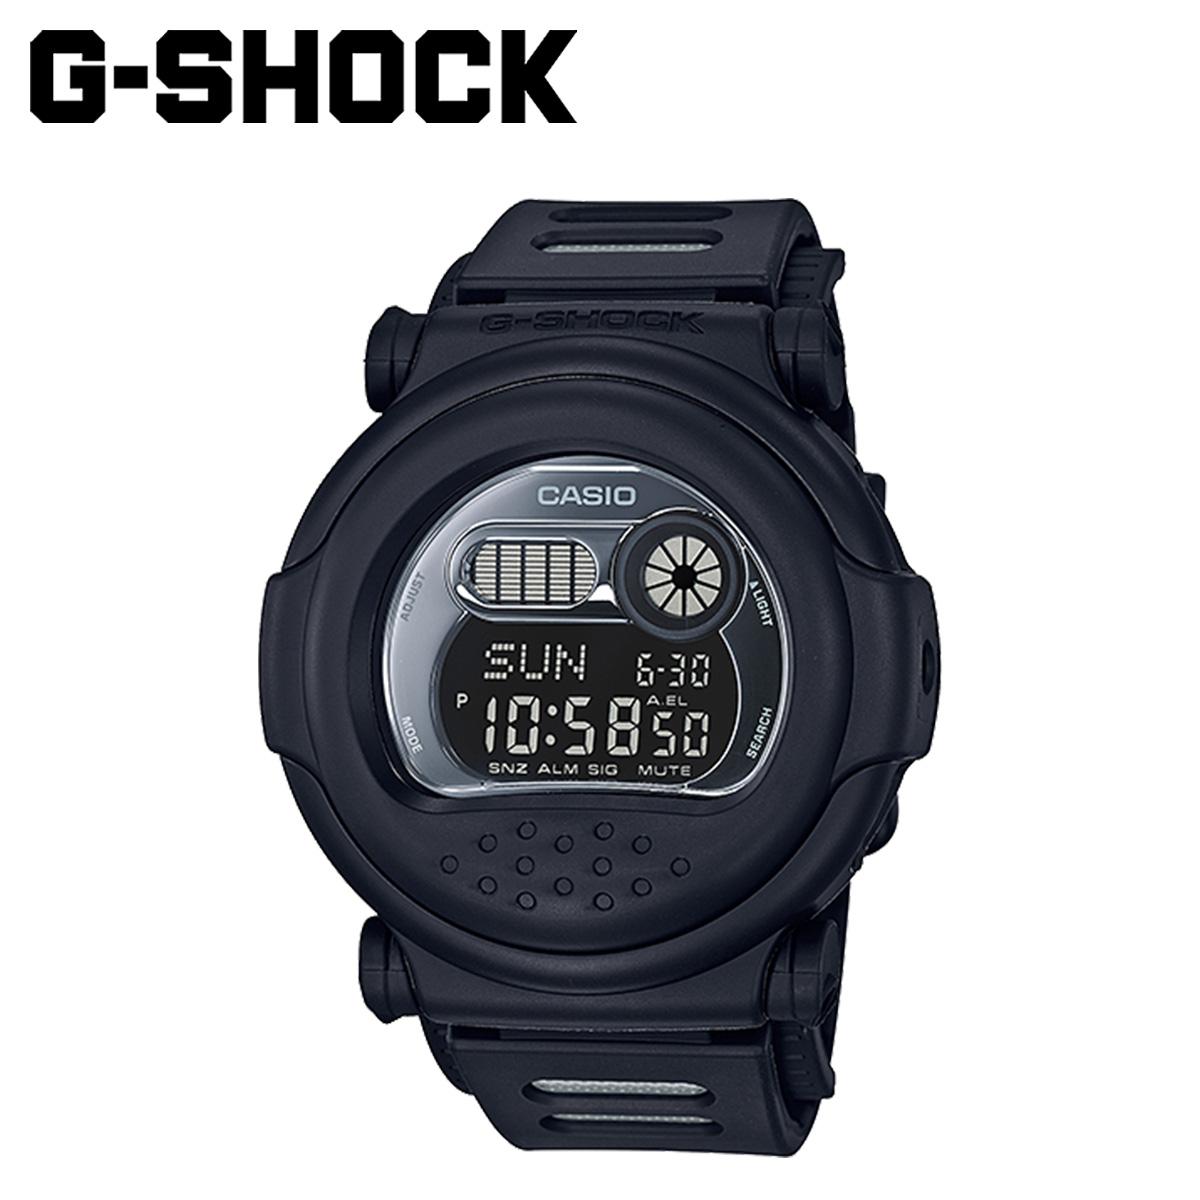 CASIO カシオ G-SHOCK 腕時計 G-001BB-1JF ブラック 黒 メンズ レディース